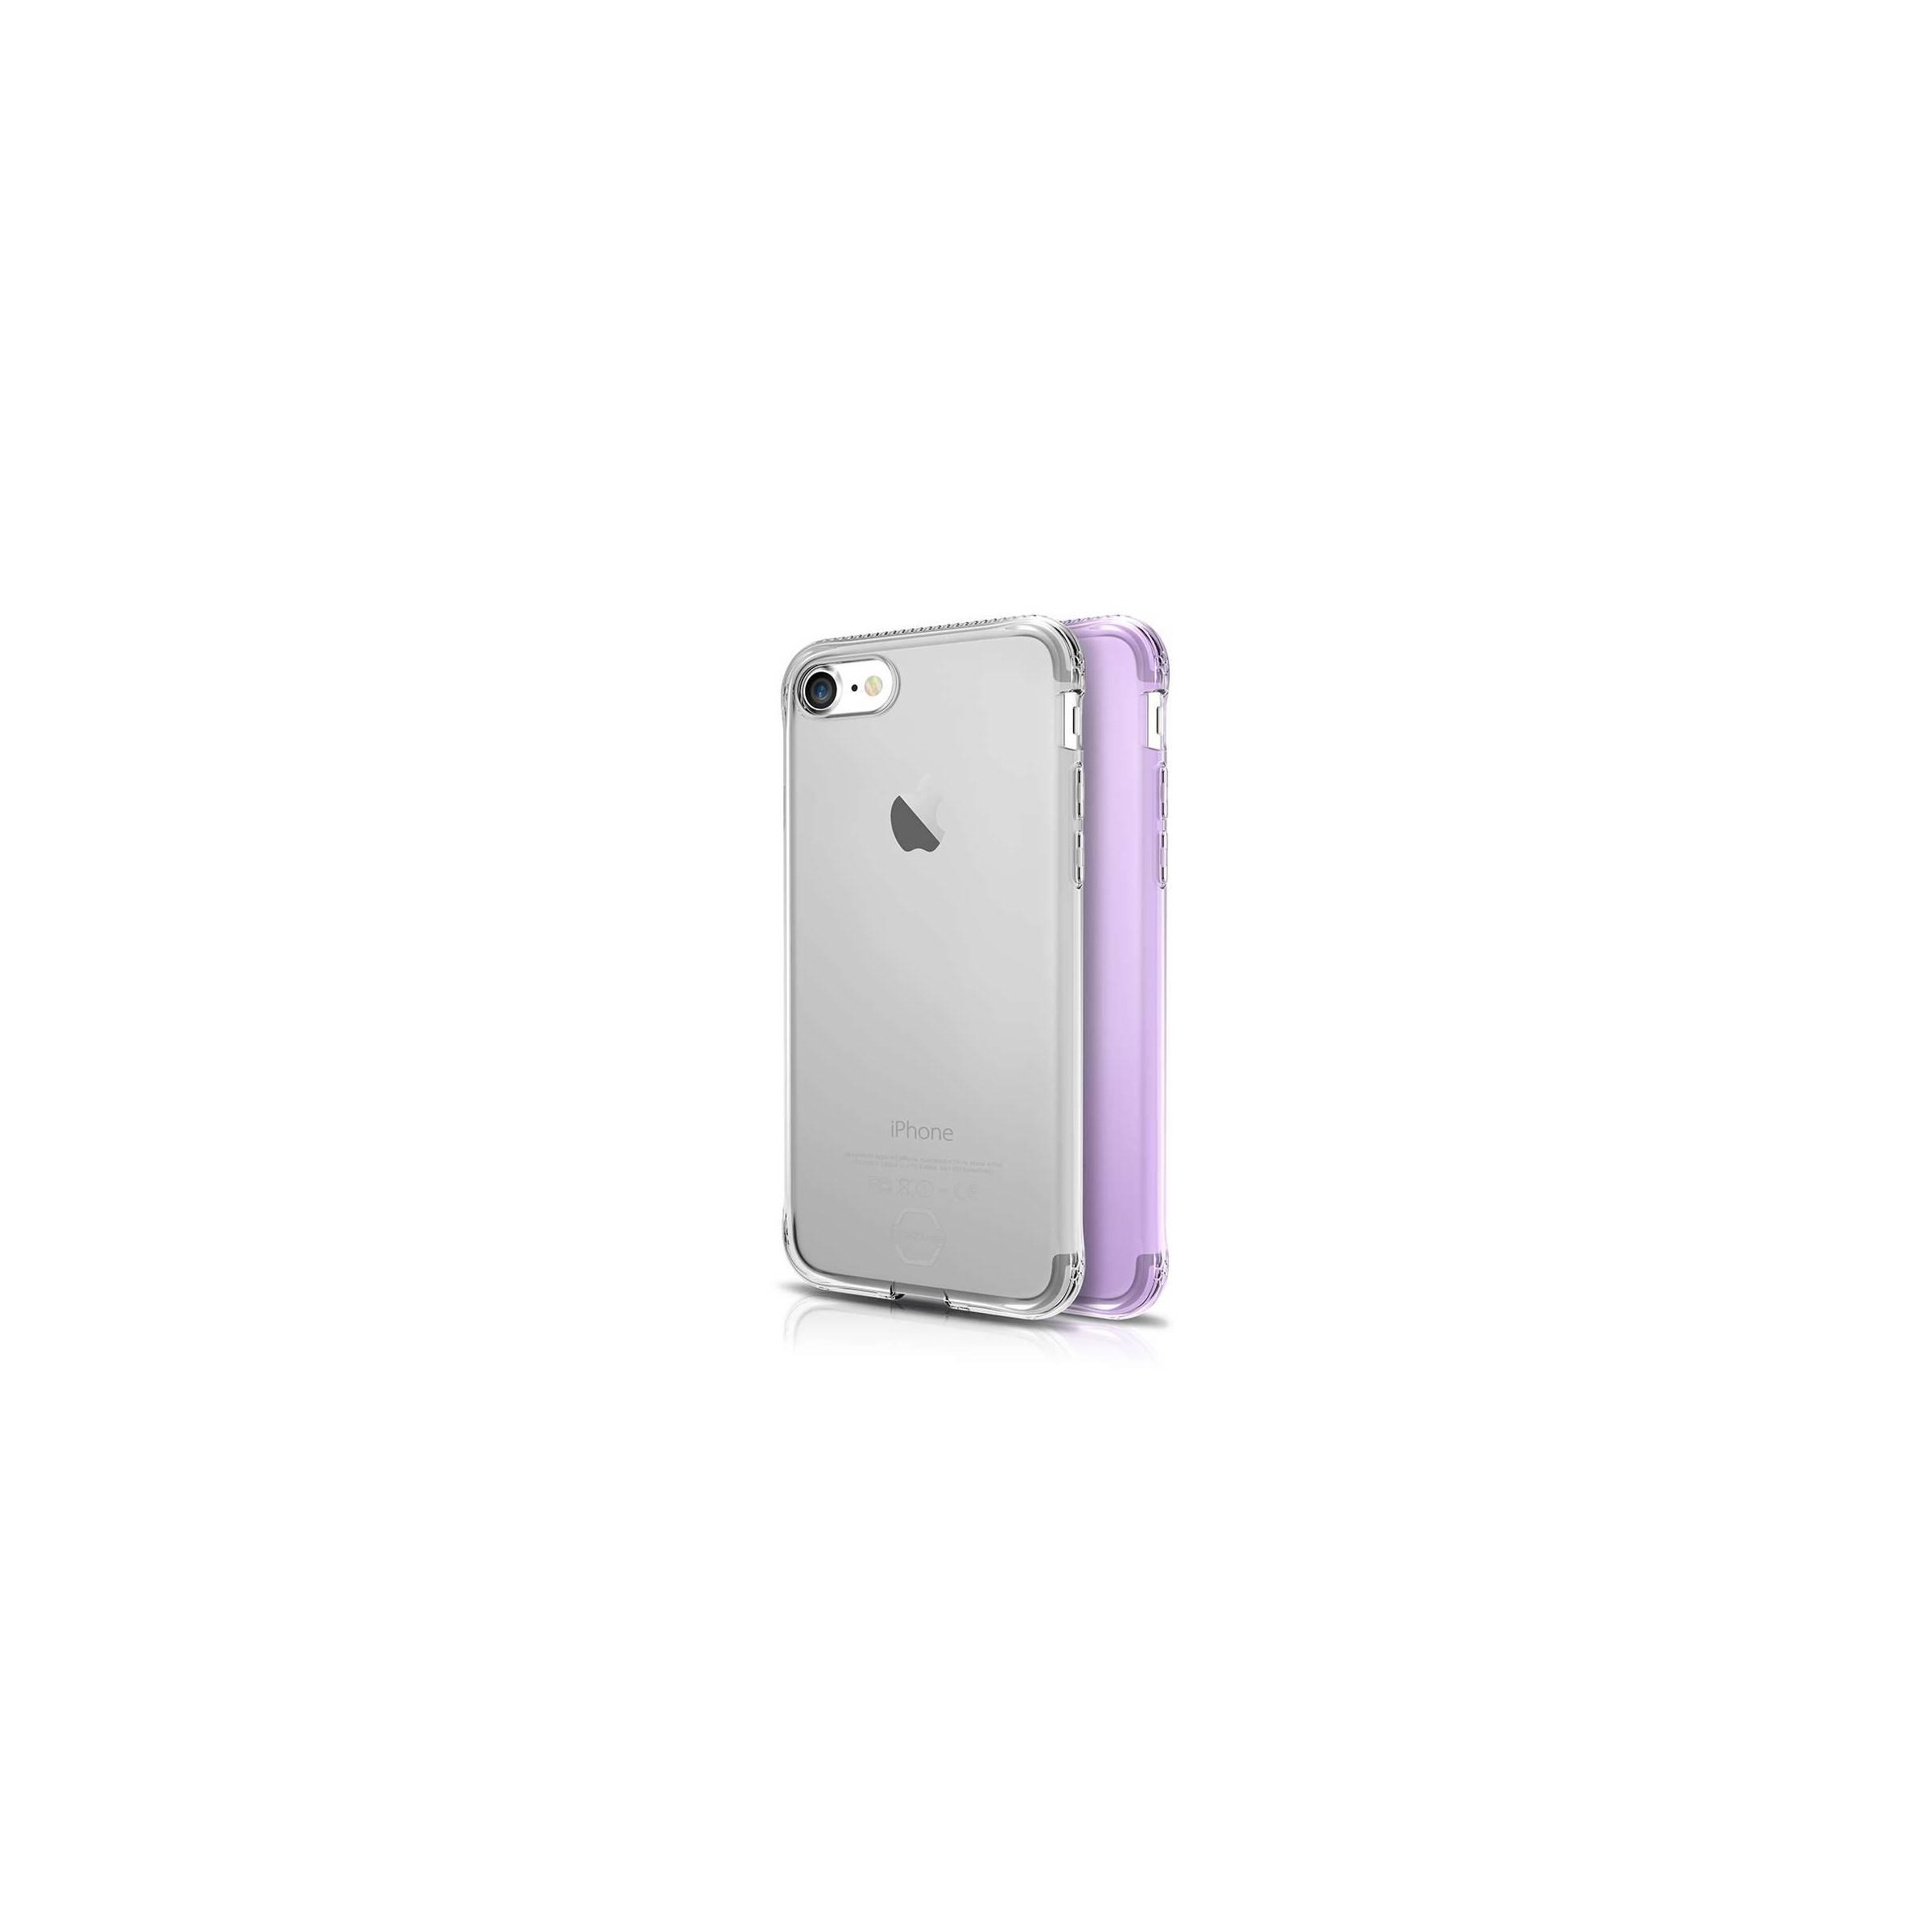 Itskins slim silikone protect gel iphone 7 & 8 cover dobbelt 2x pakke farve klar & lyse lilla fra itskins på mackabler.dk